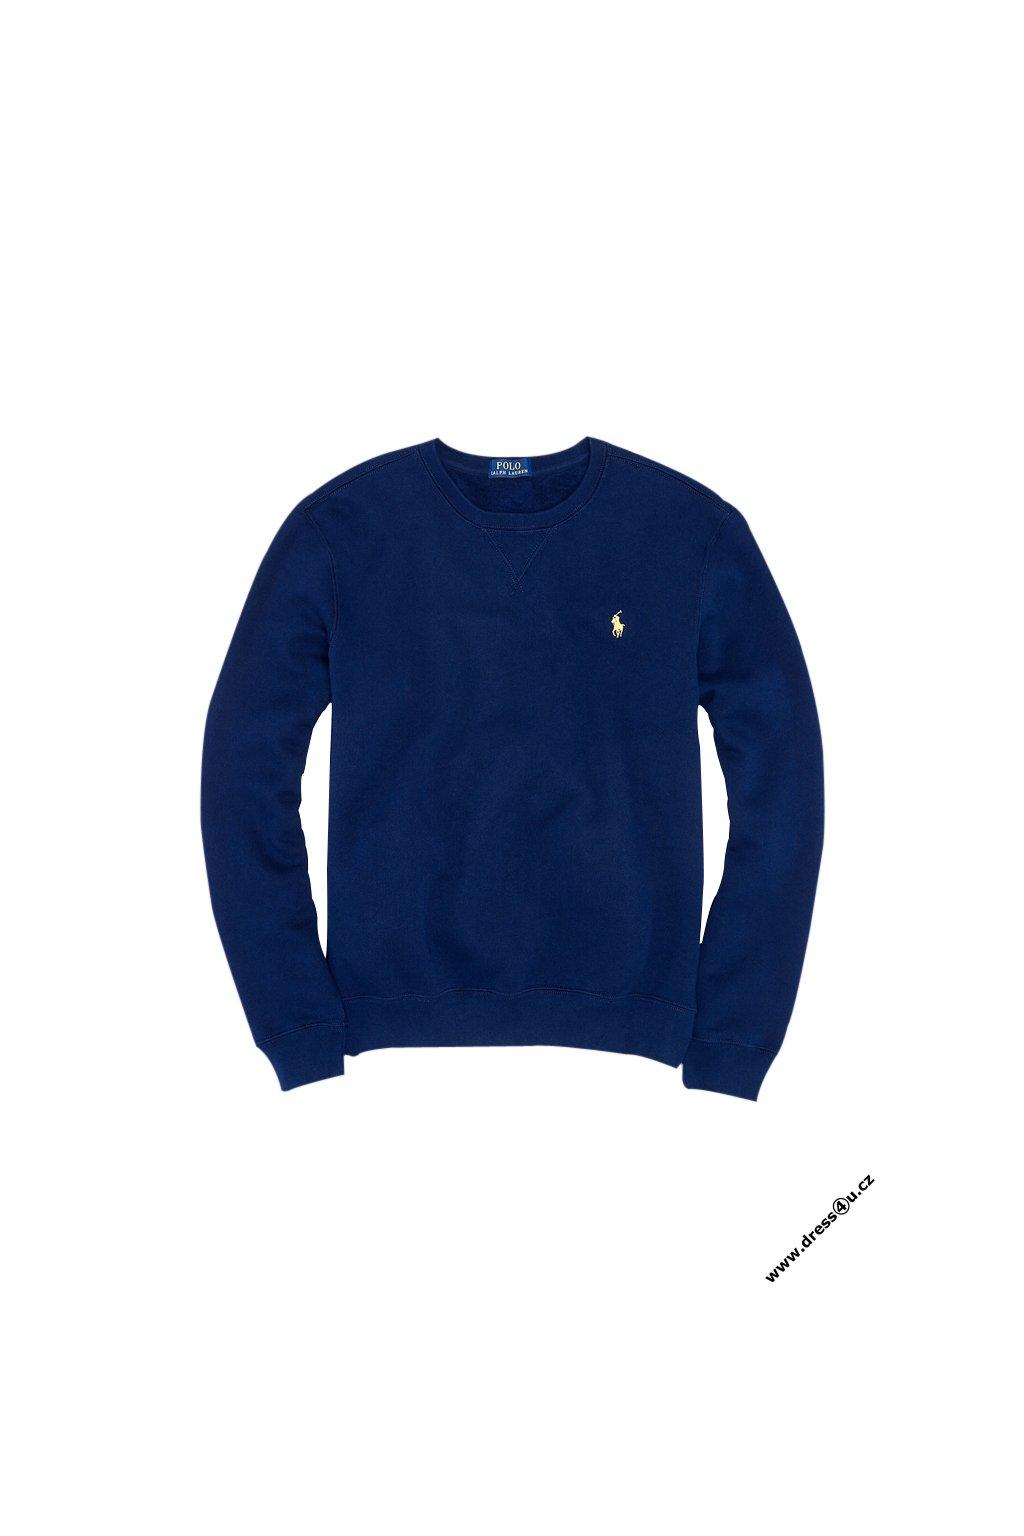 Ralph Lauren pánská mikina Atlantic Terry Crew tmavě modrá